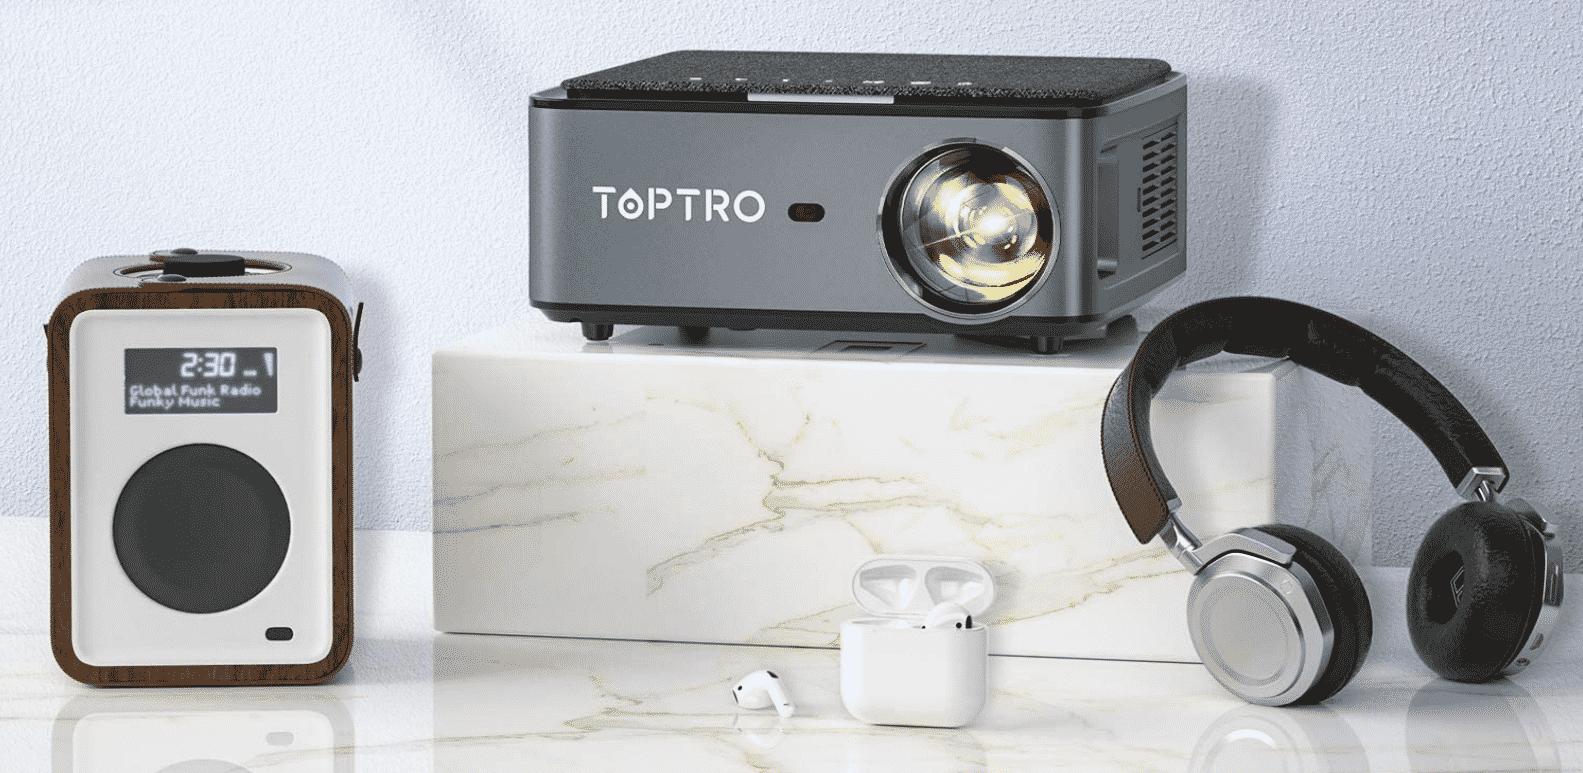 Meilleur vidéoprojecteur Toptro